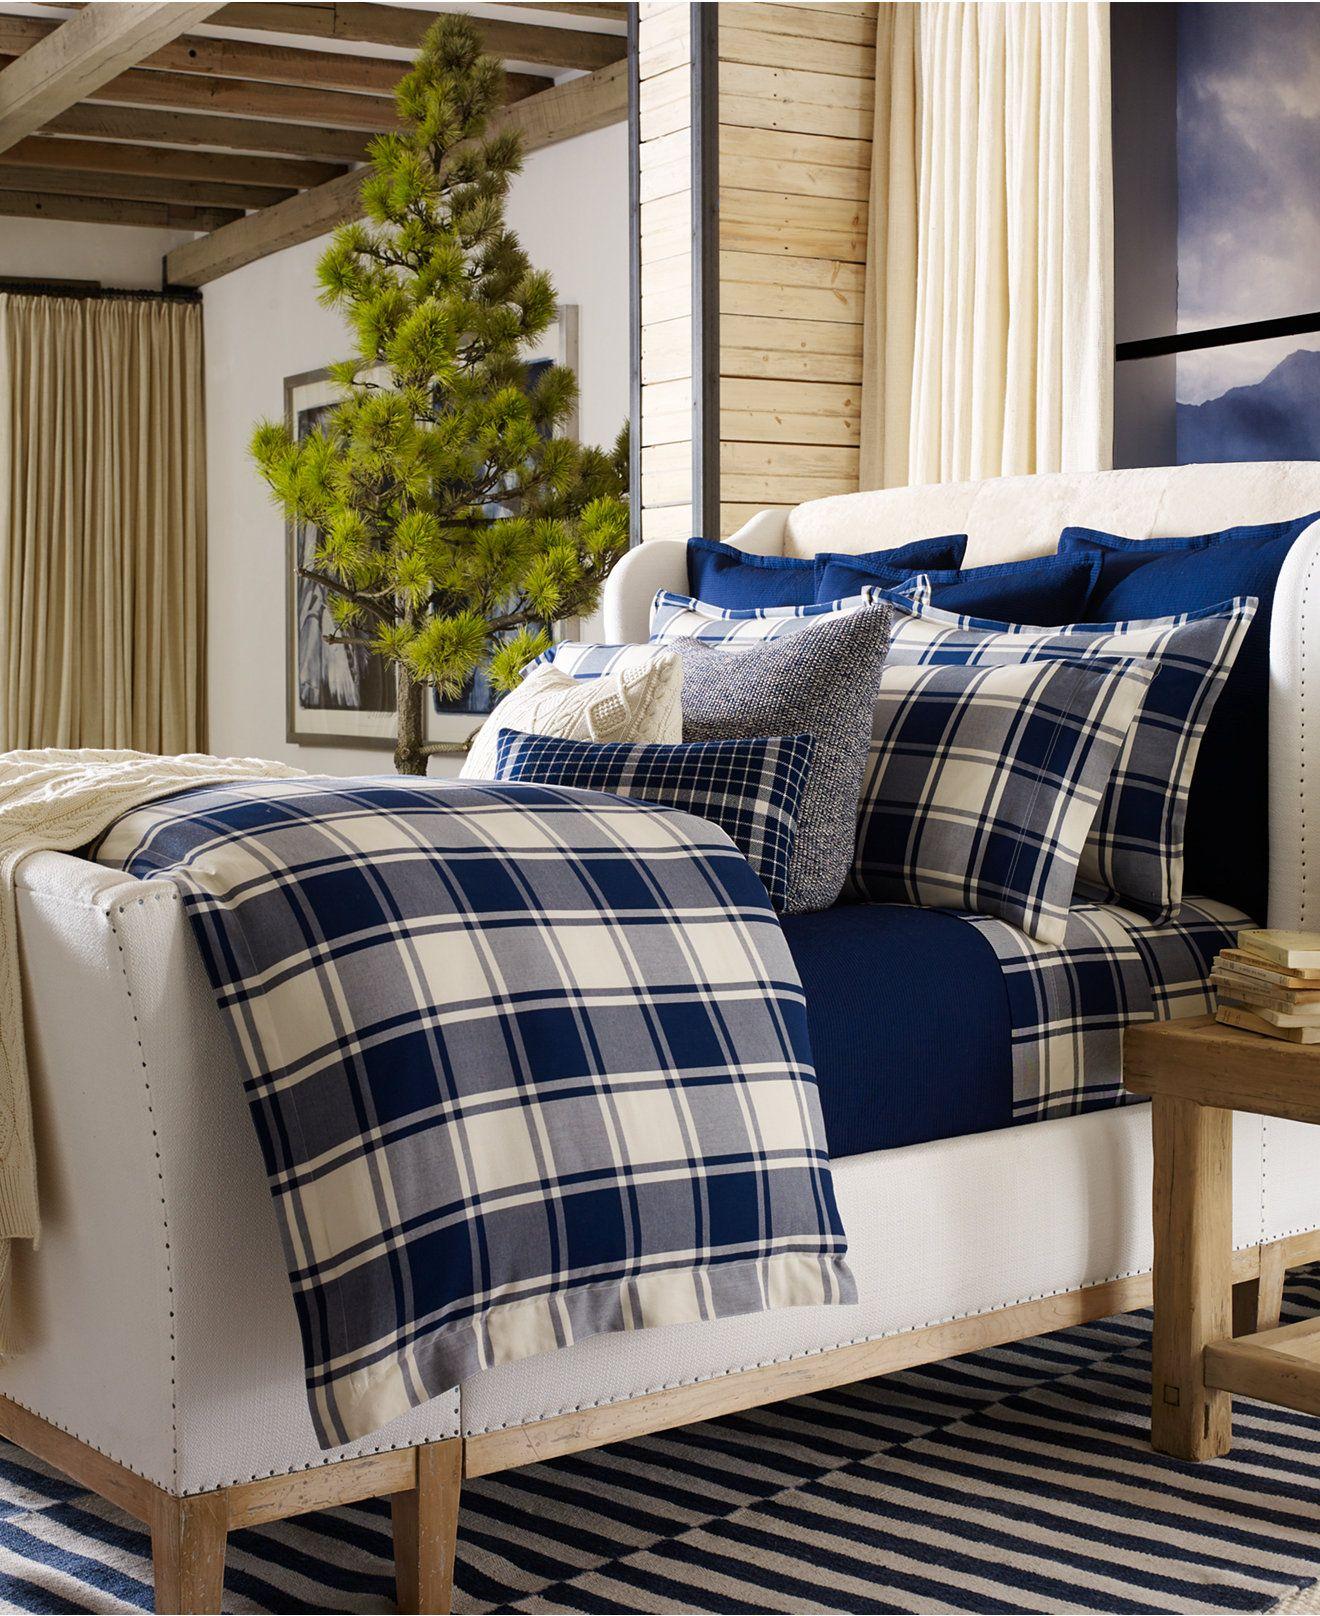 ralph lauren bedrooms. master bedroom · ralph lauren bedrooms